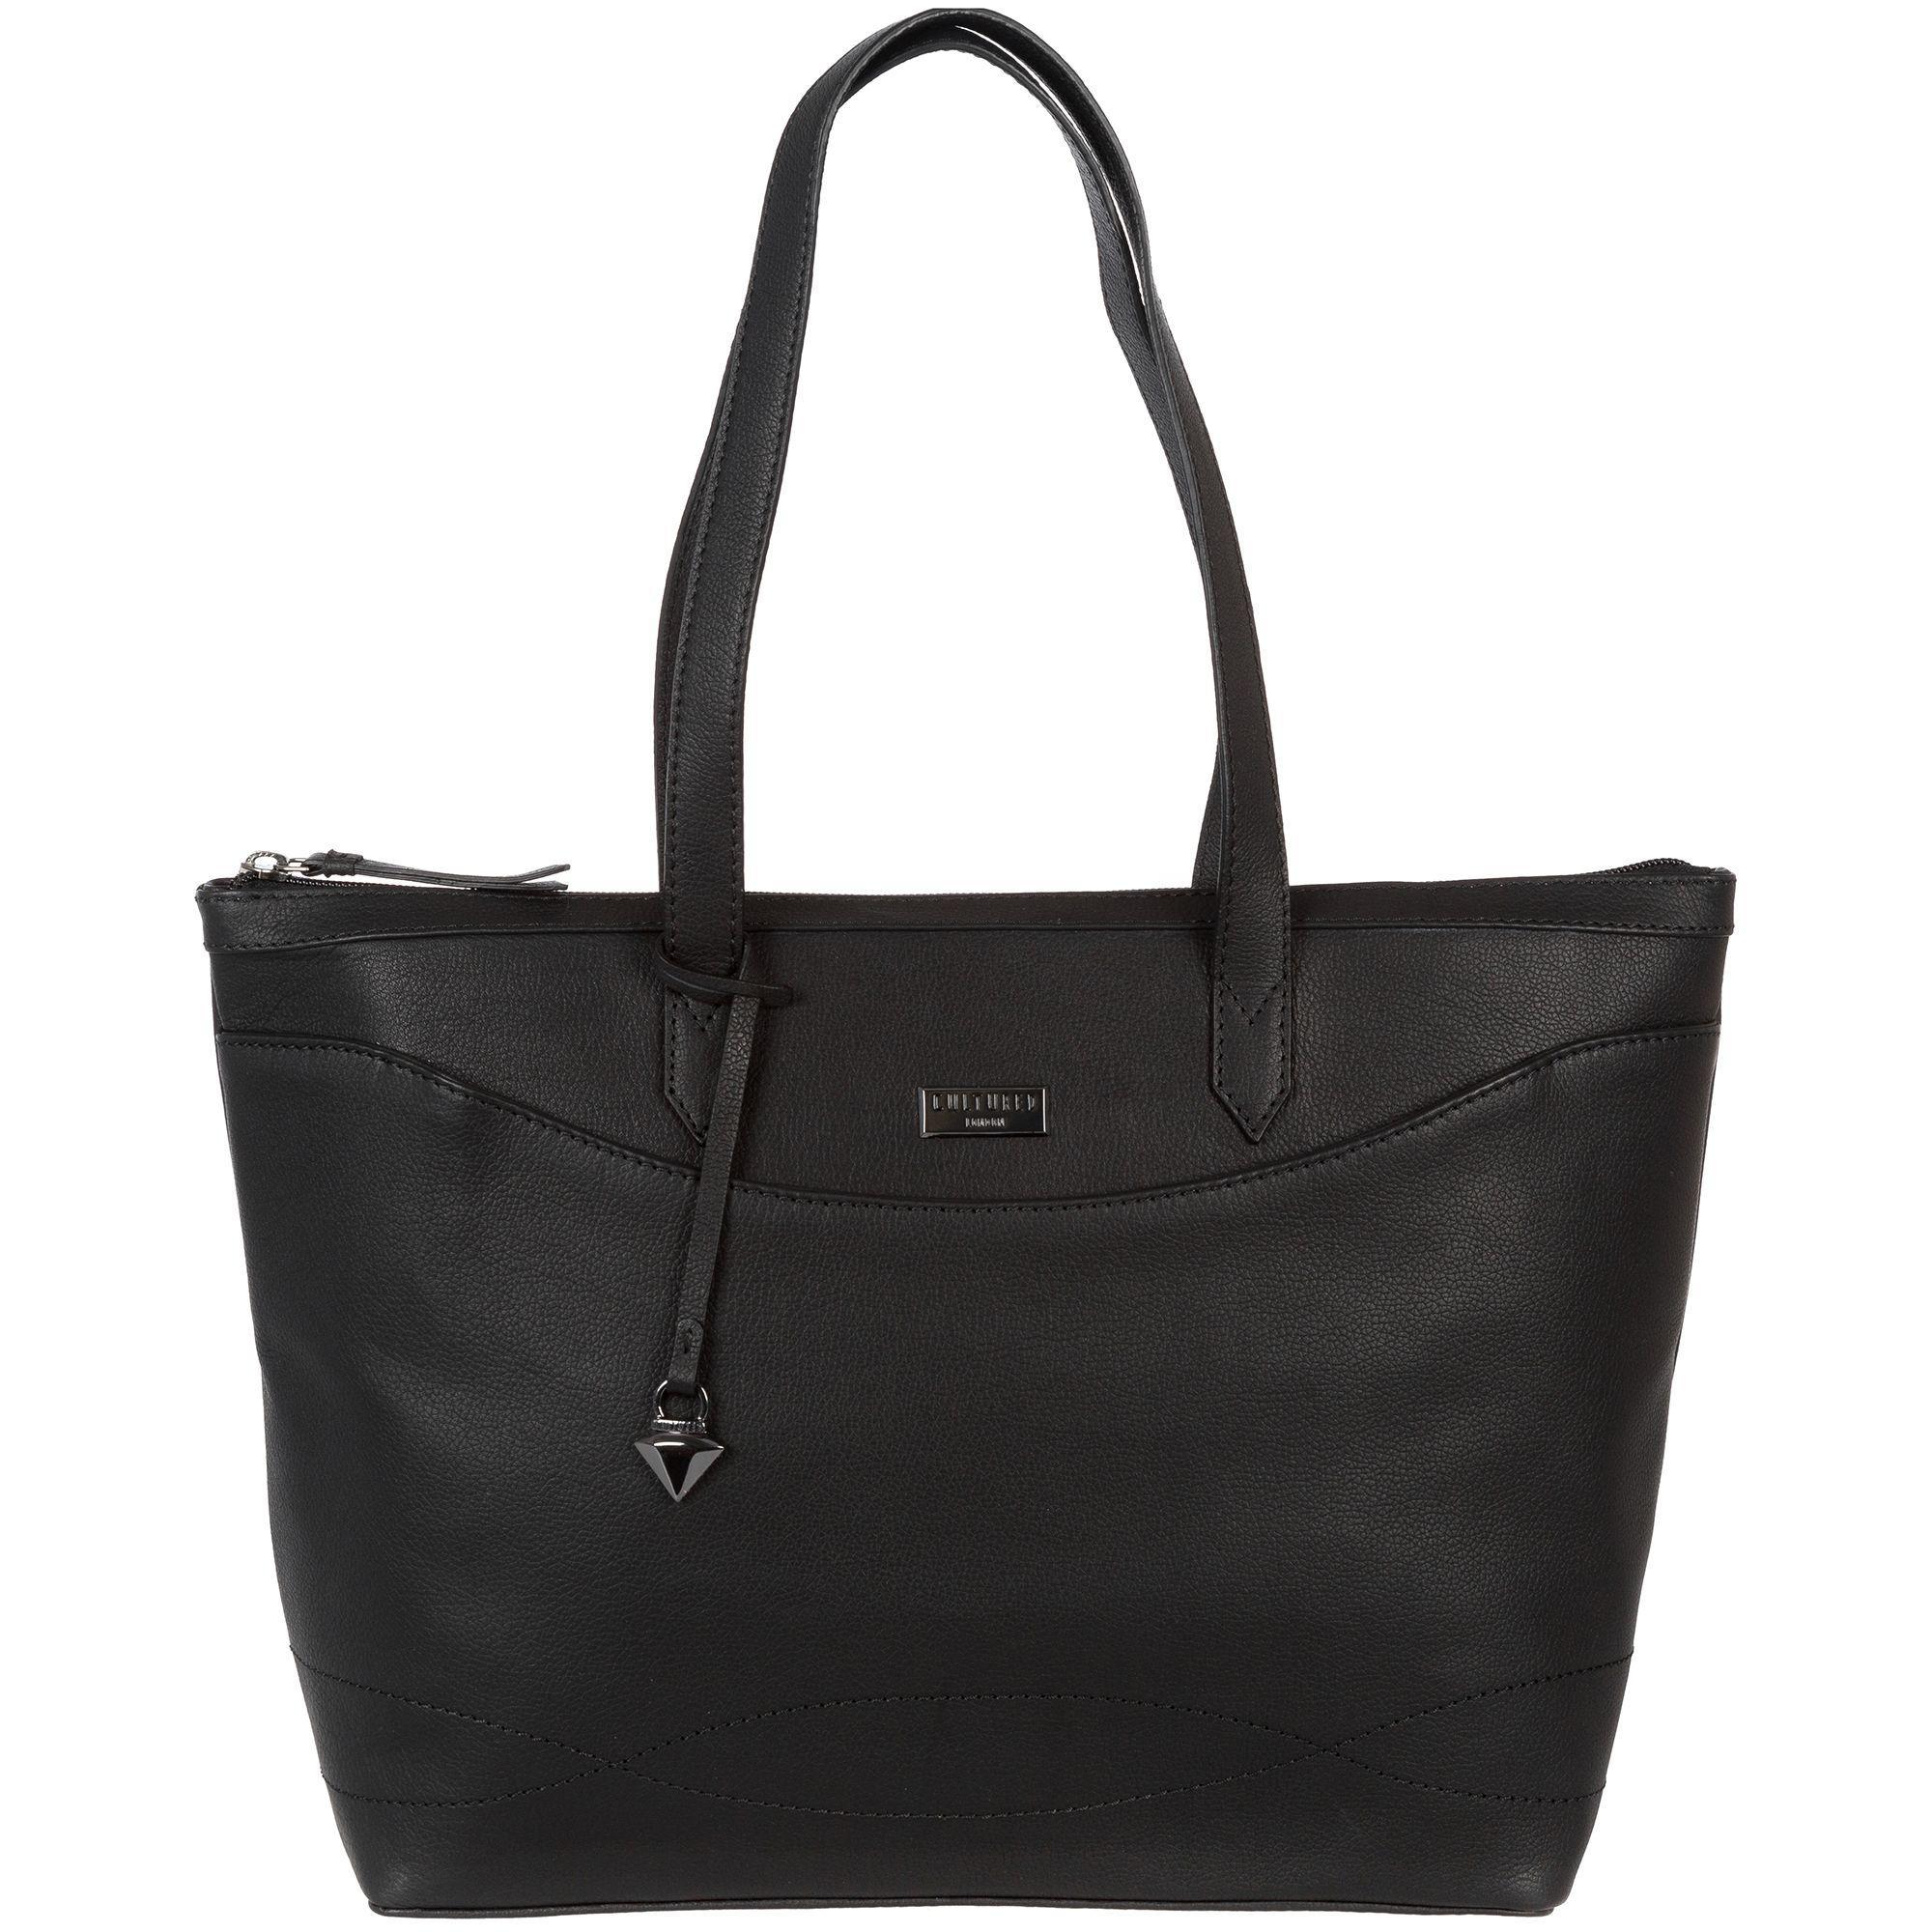 a41c7eb2a999 Cultured London Black  oriel  Leather Tote Bag in Black - Lyst